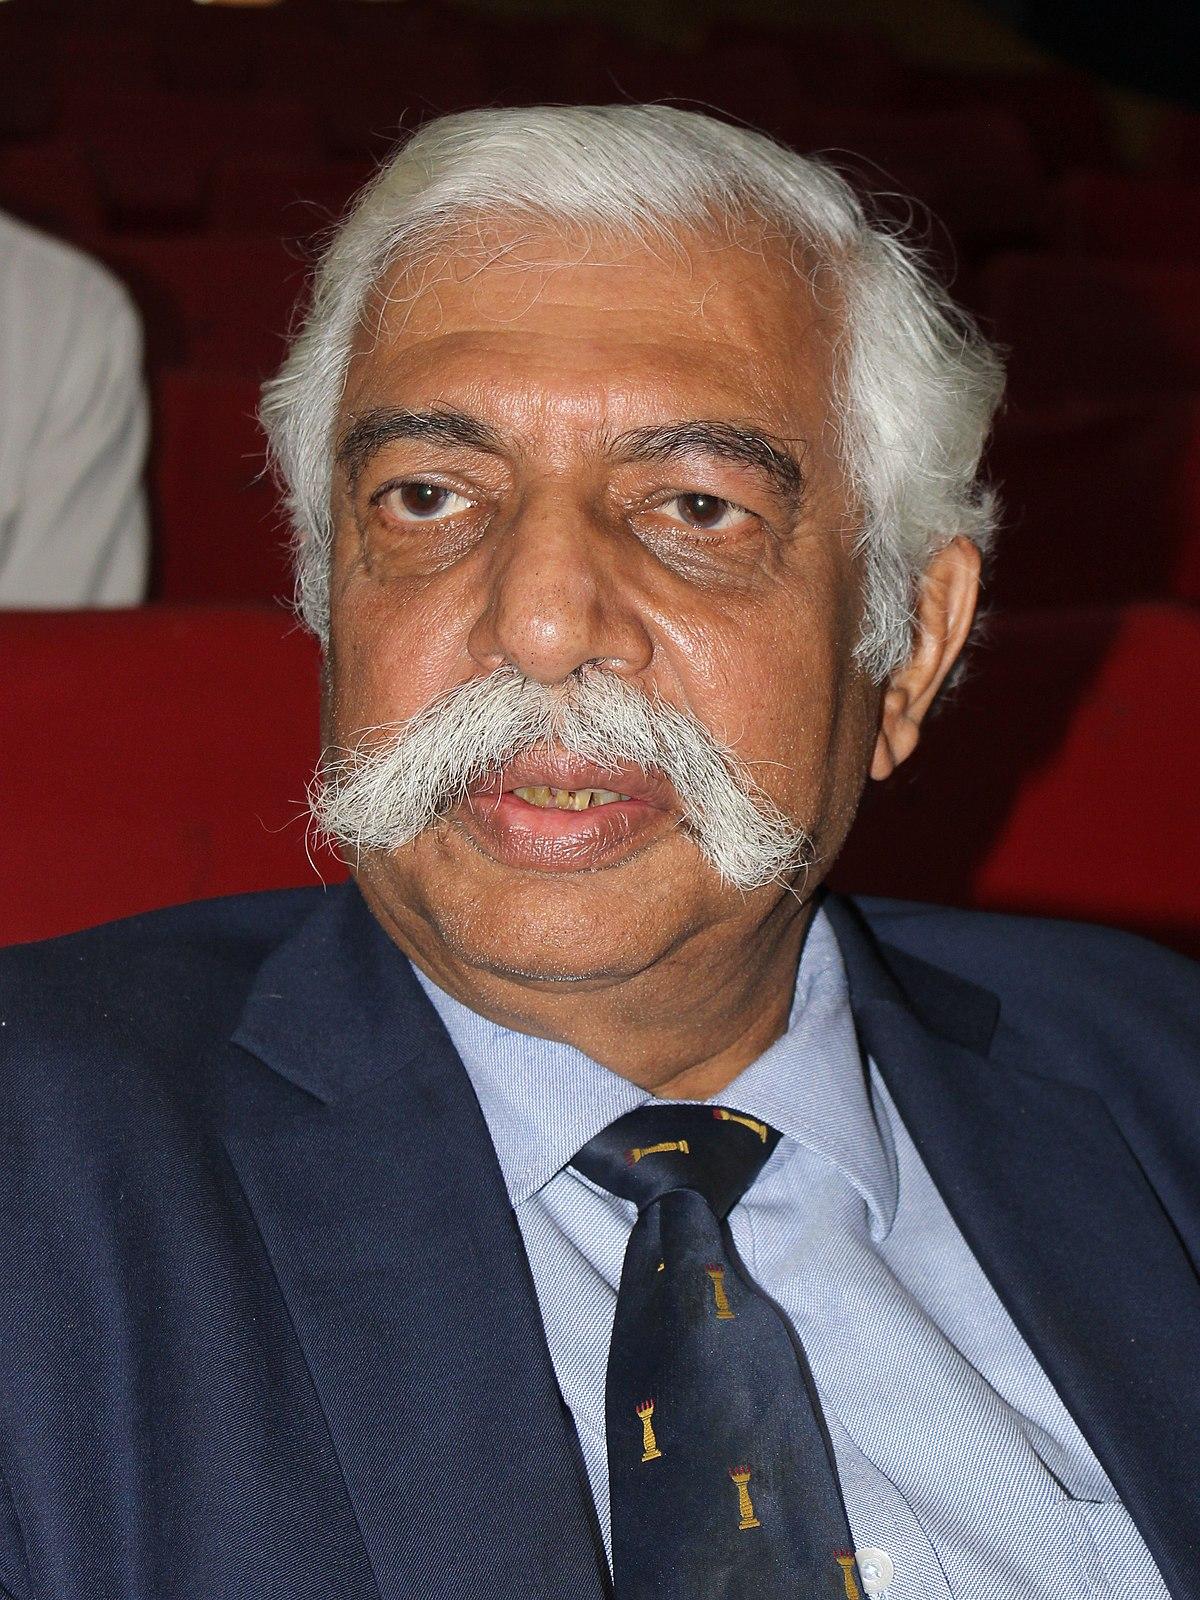 ��.d:-a:+�_G.D.Bakshi-Wikipedia